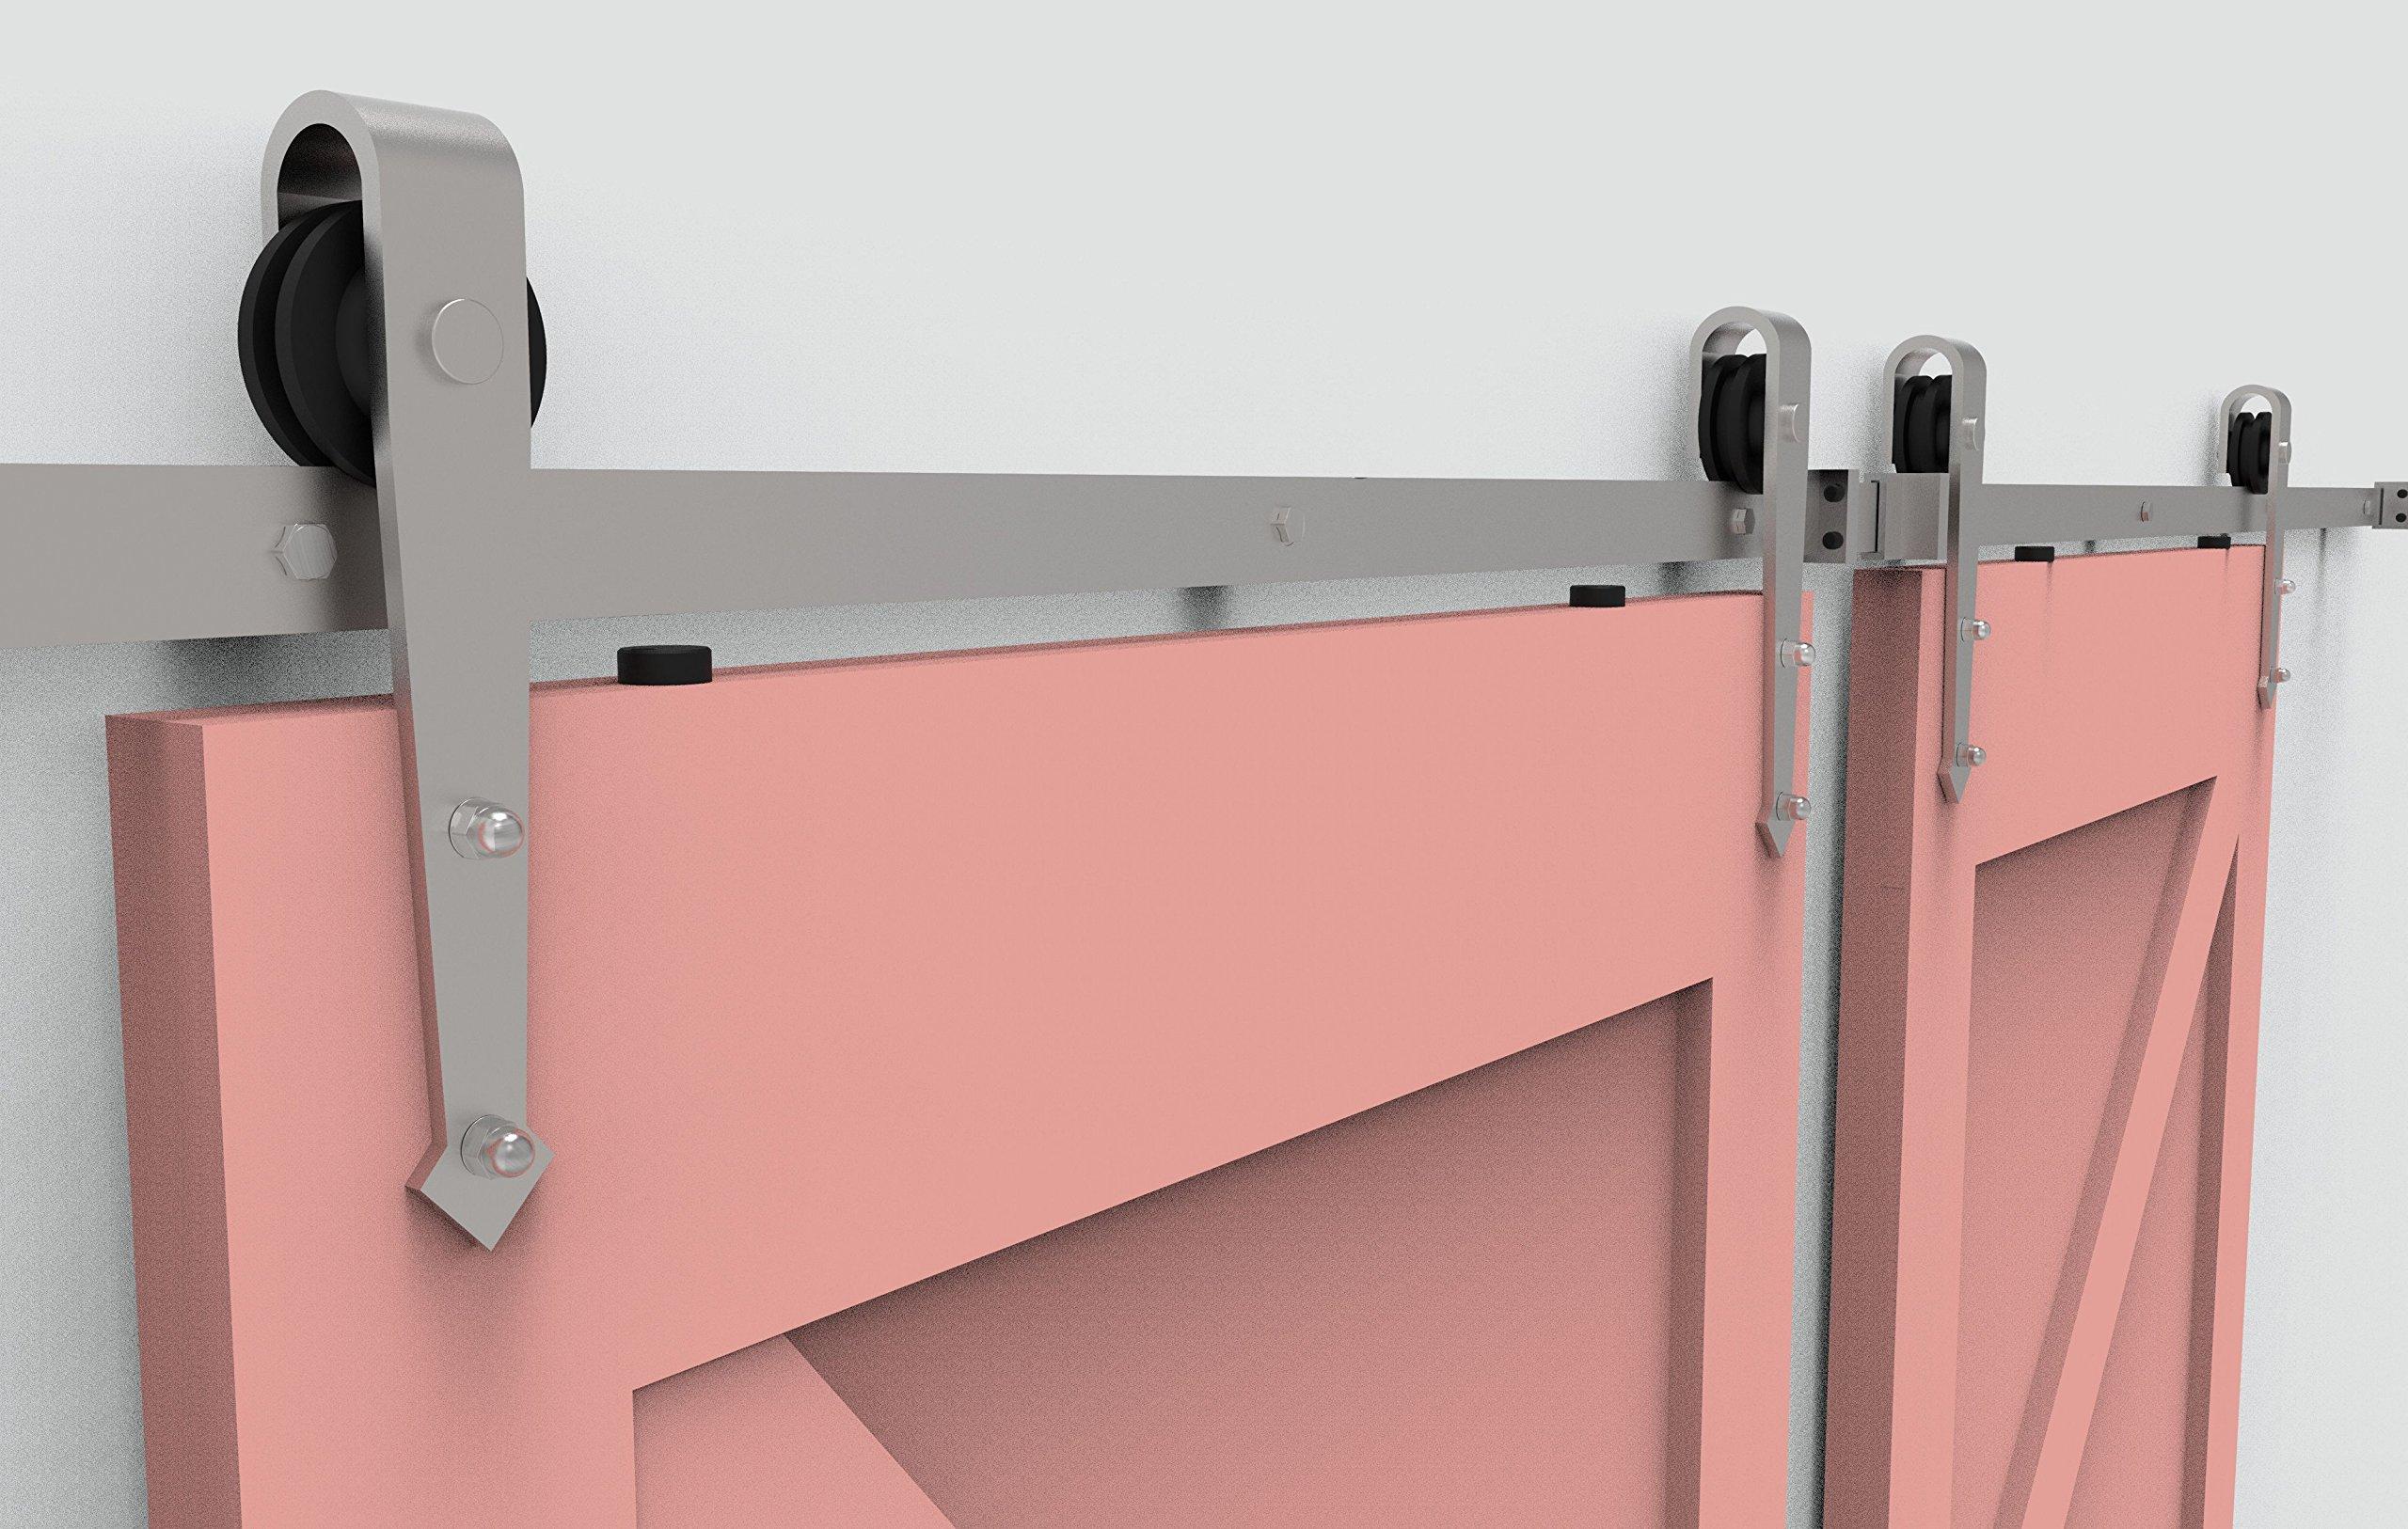 Homacer - Juego de herramientas para puerta corredera de acero inoxidable con rieles de 1,5 m, de acero inoxidable en forma de T, con resistencia industrial, perfecto para garaje, armarios, interiores y